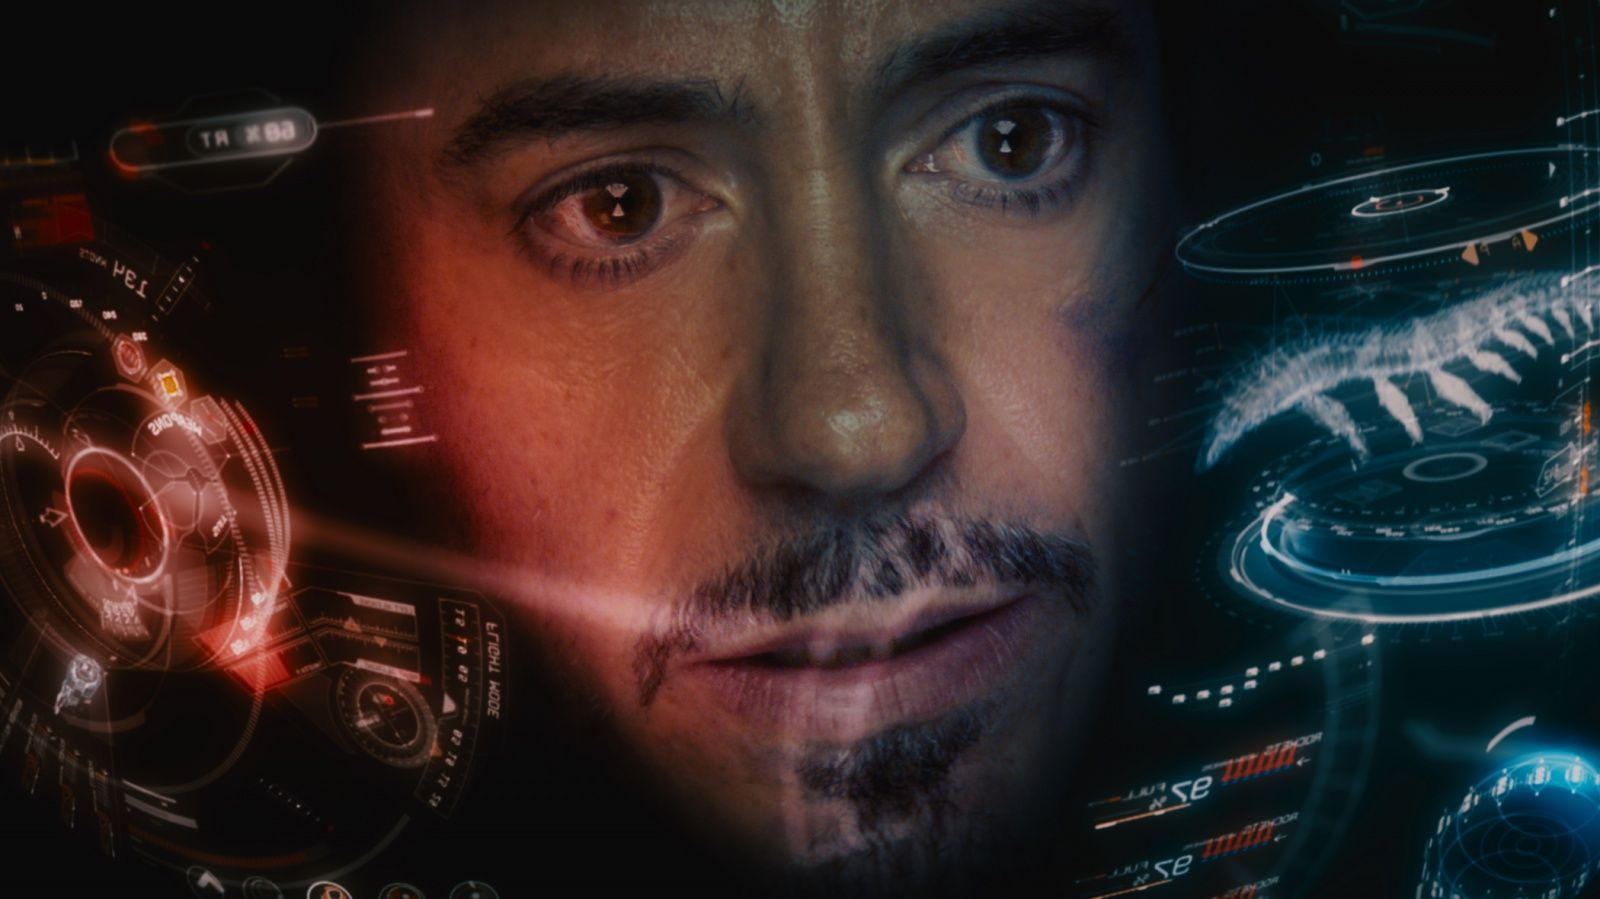 Asystentka Jarvis w opcji Augmented Reality dla Ironmana. Daleka przyszłość? foto. softpedia